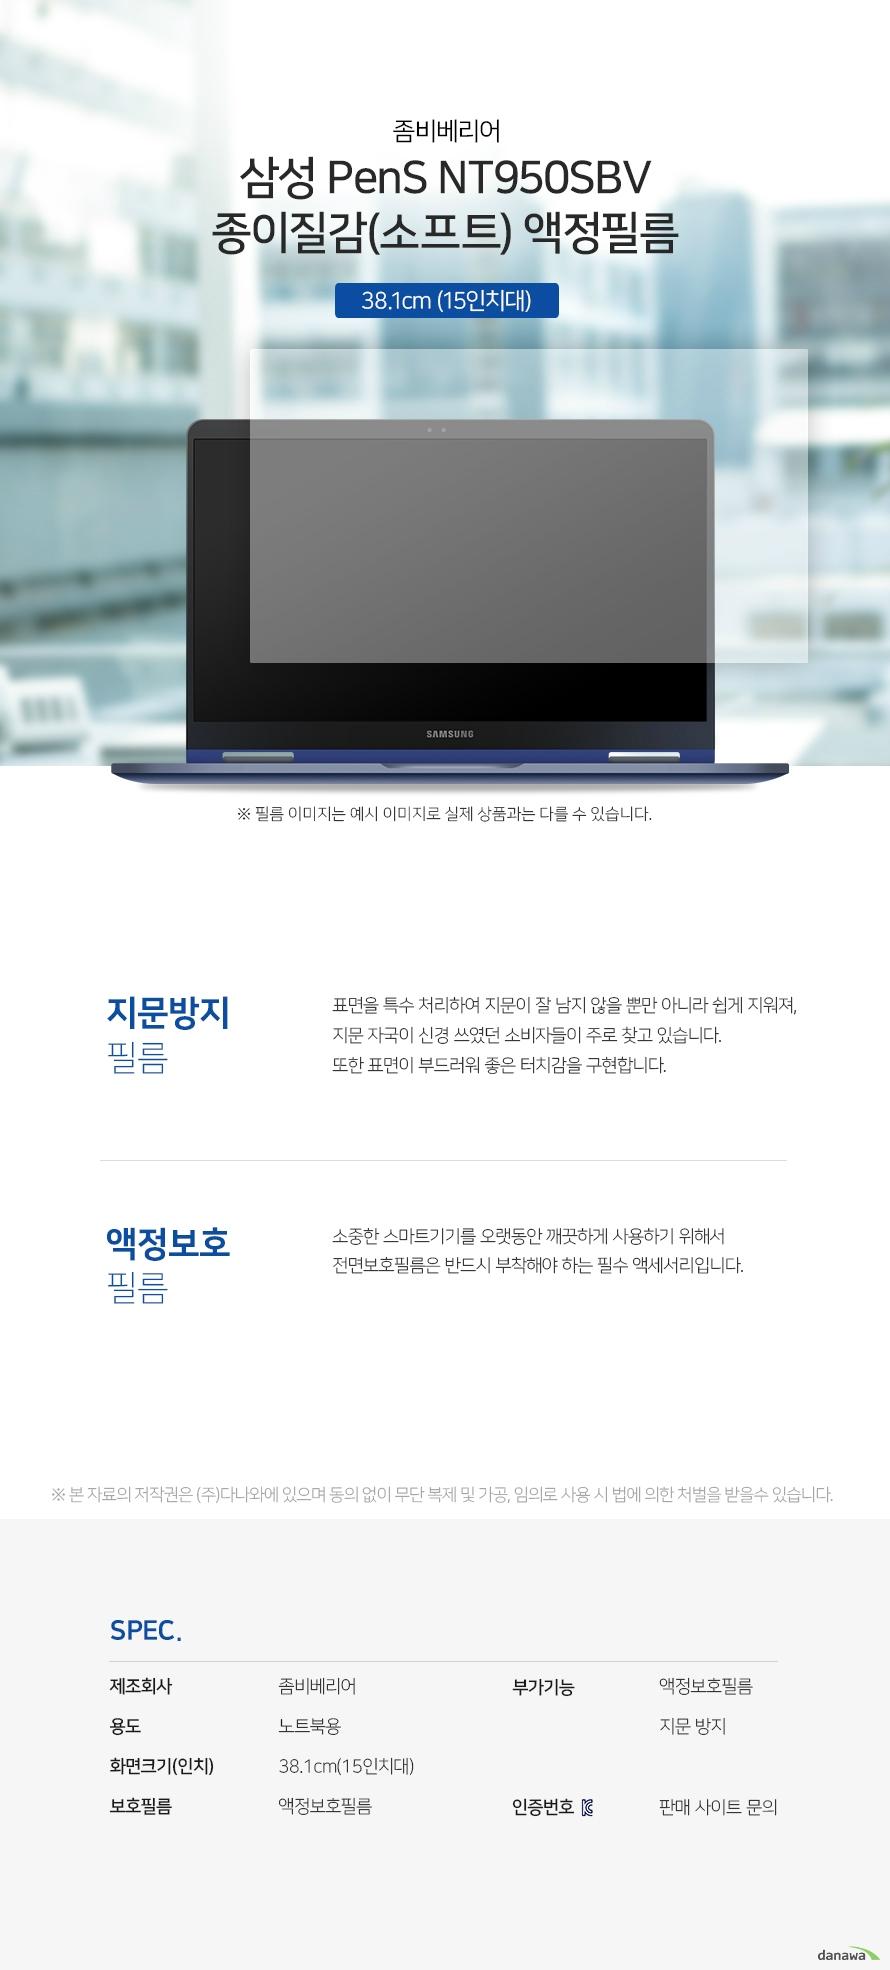 좀비베리어 삼성 PenS NT950SBV 종이질감(소프트) 액정필름 상세 스펙 액정보호용품 / 노트북용 / 액정보호필름 / 호환 크기: 38.1cm(15인치대) / 지문방지